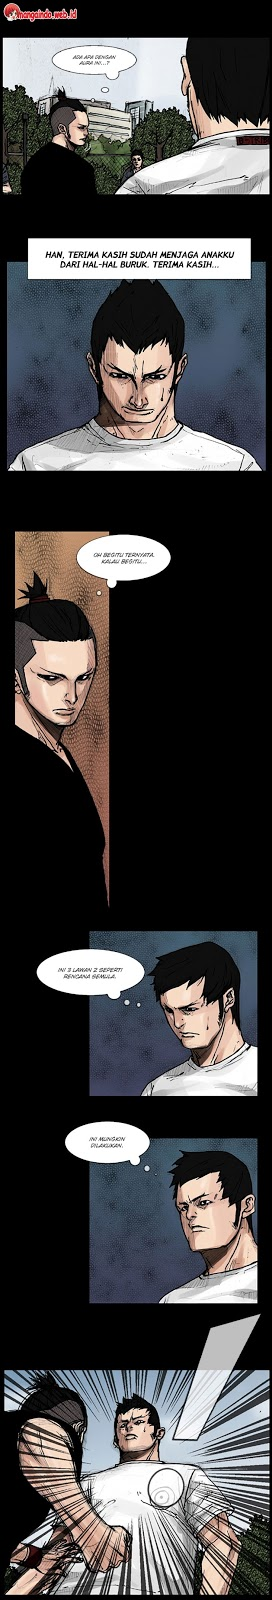 Dilarang COPAS - situs resmi www.mangacanblog.com - Komik dokgo 049 - chapter 49 50 Indonesia dokgo 049 - chapter 49 Terbaru 11|Baca Manga Komik Indonesia|Mangacan